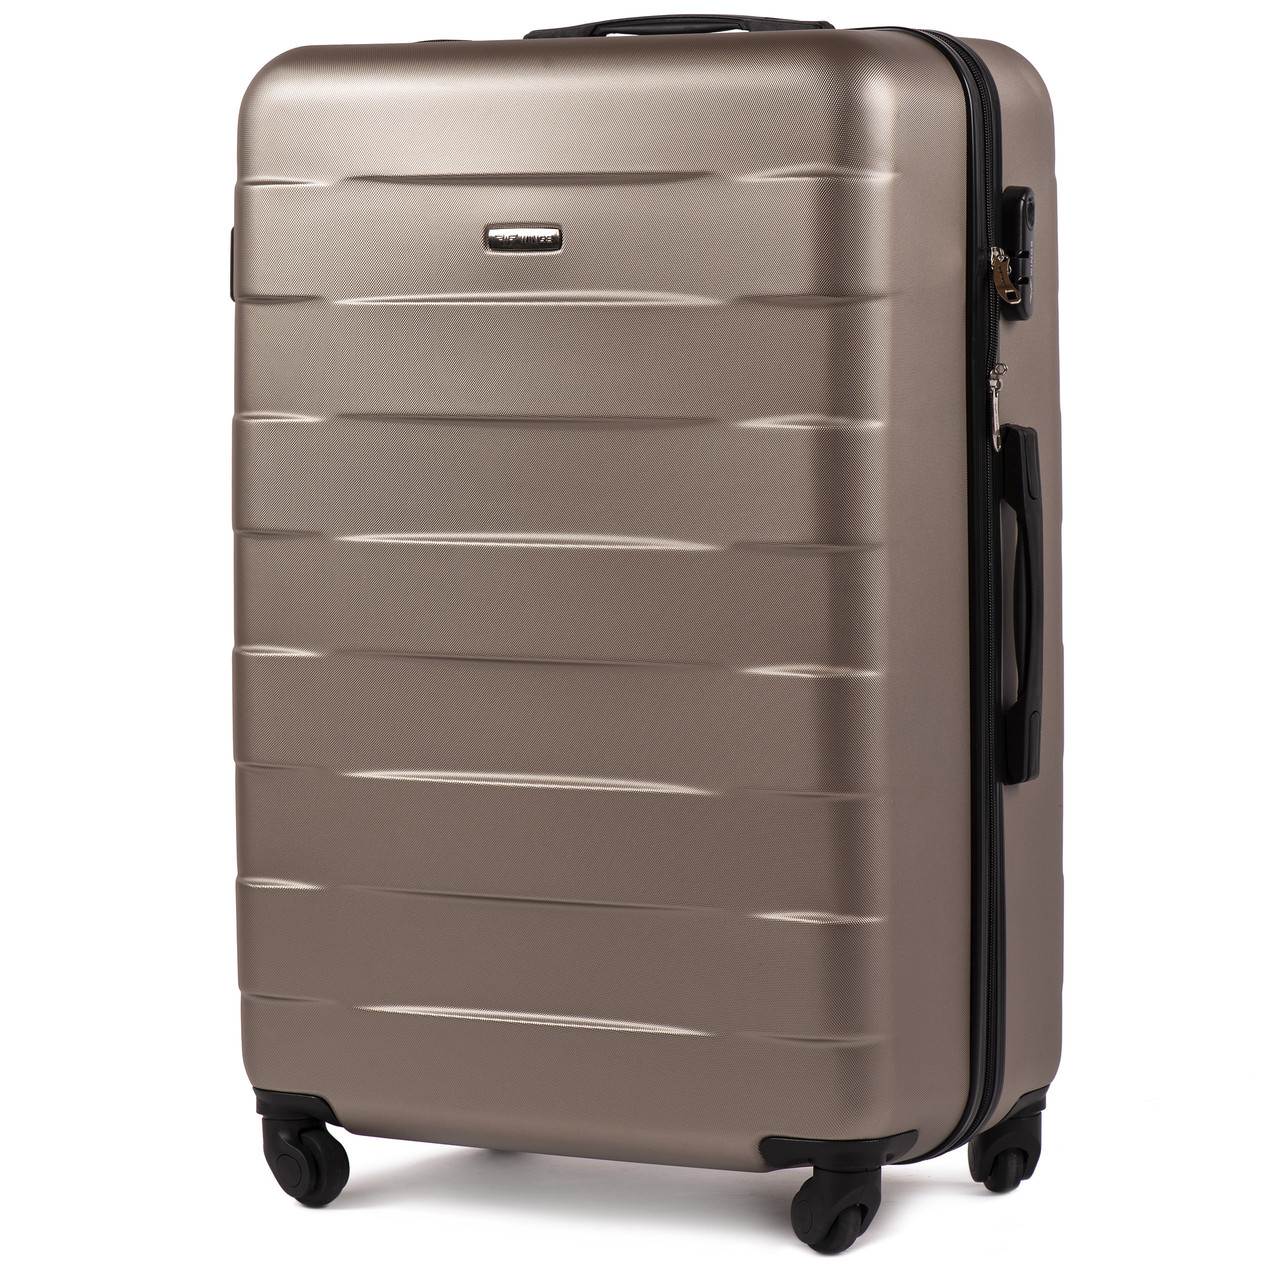 Большой пластиковый чемодан Wings 401 на 4 колесах золотистый, фото 1